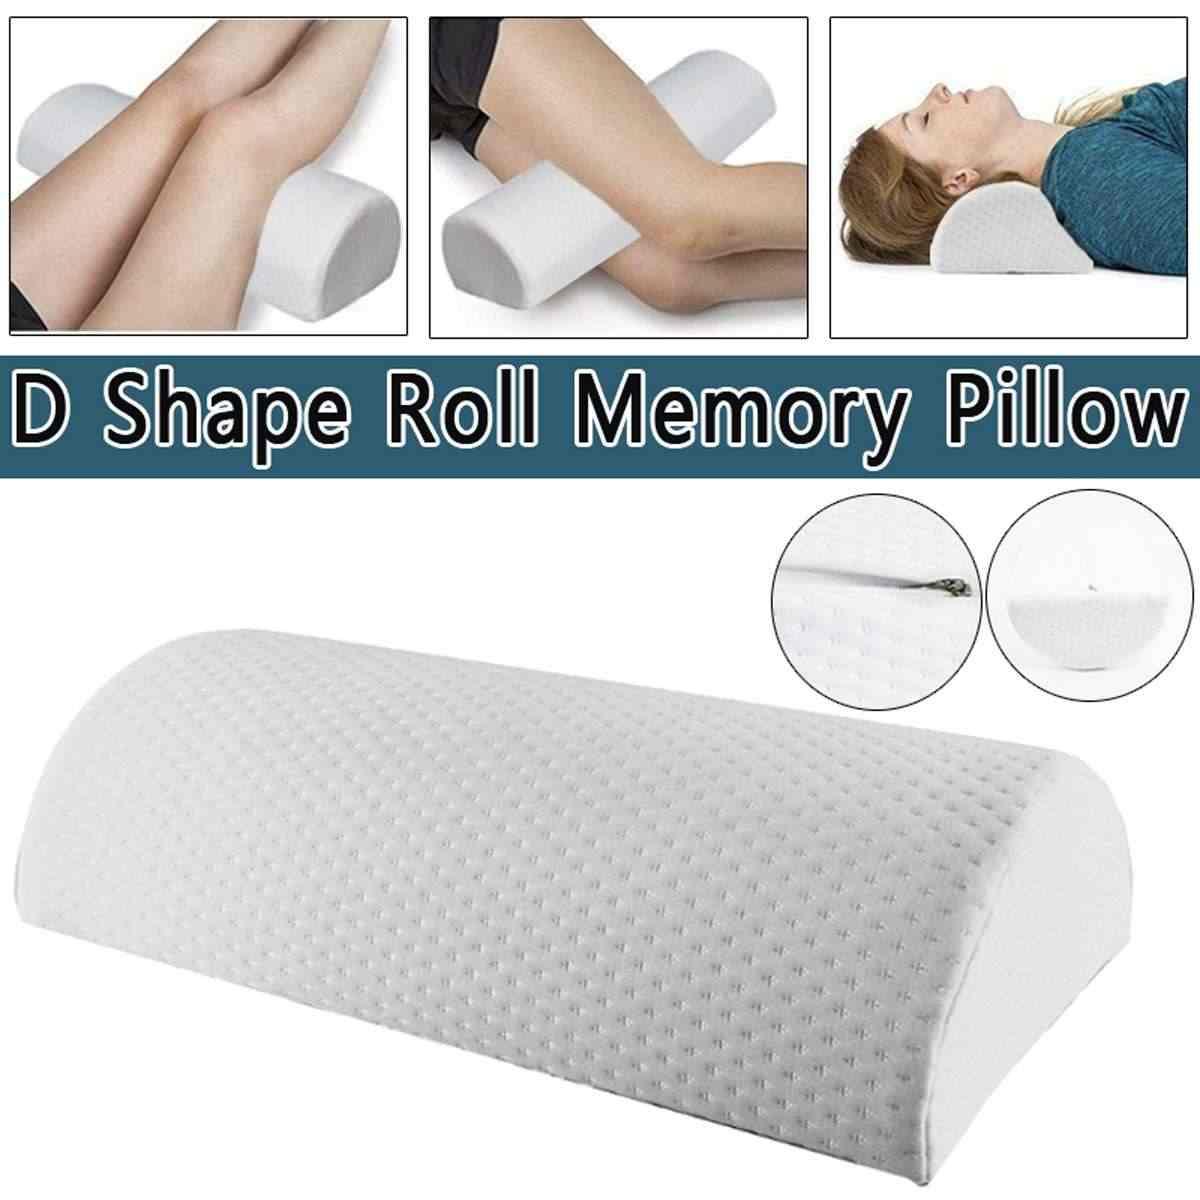 d shape memory foam sleep roll pillow